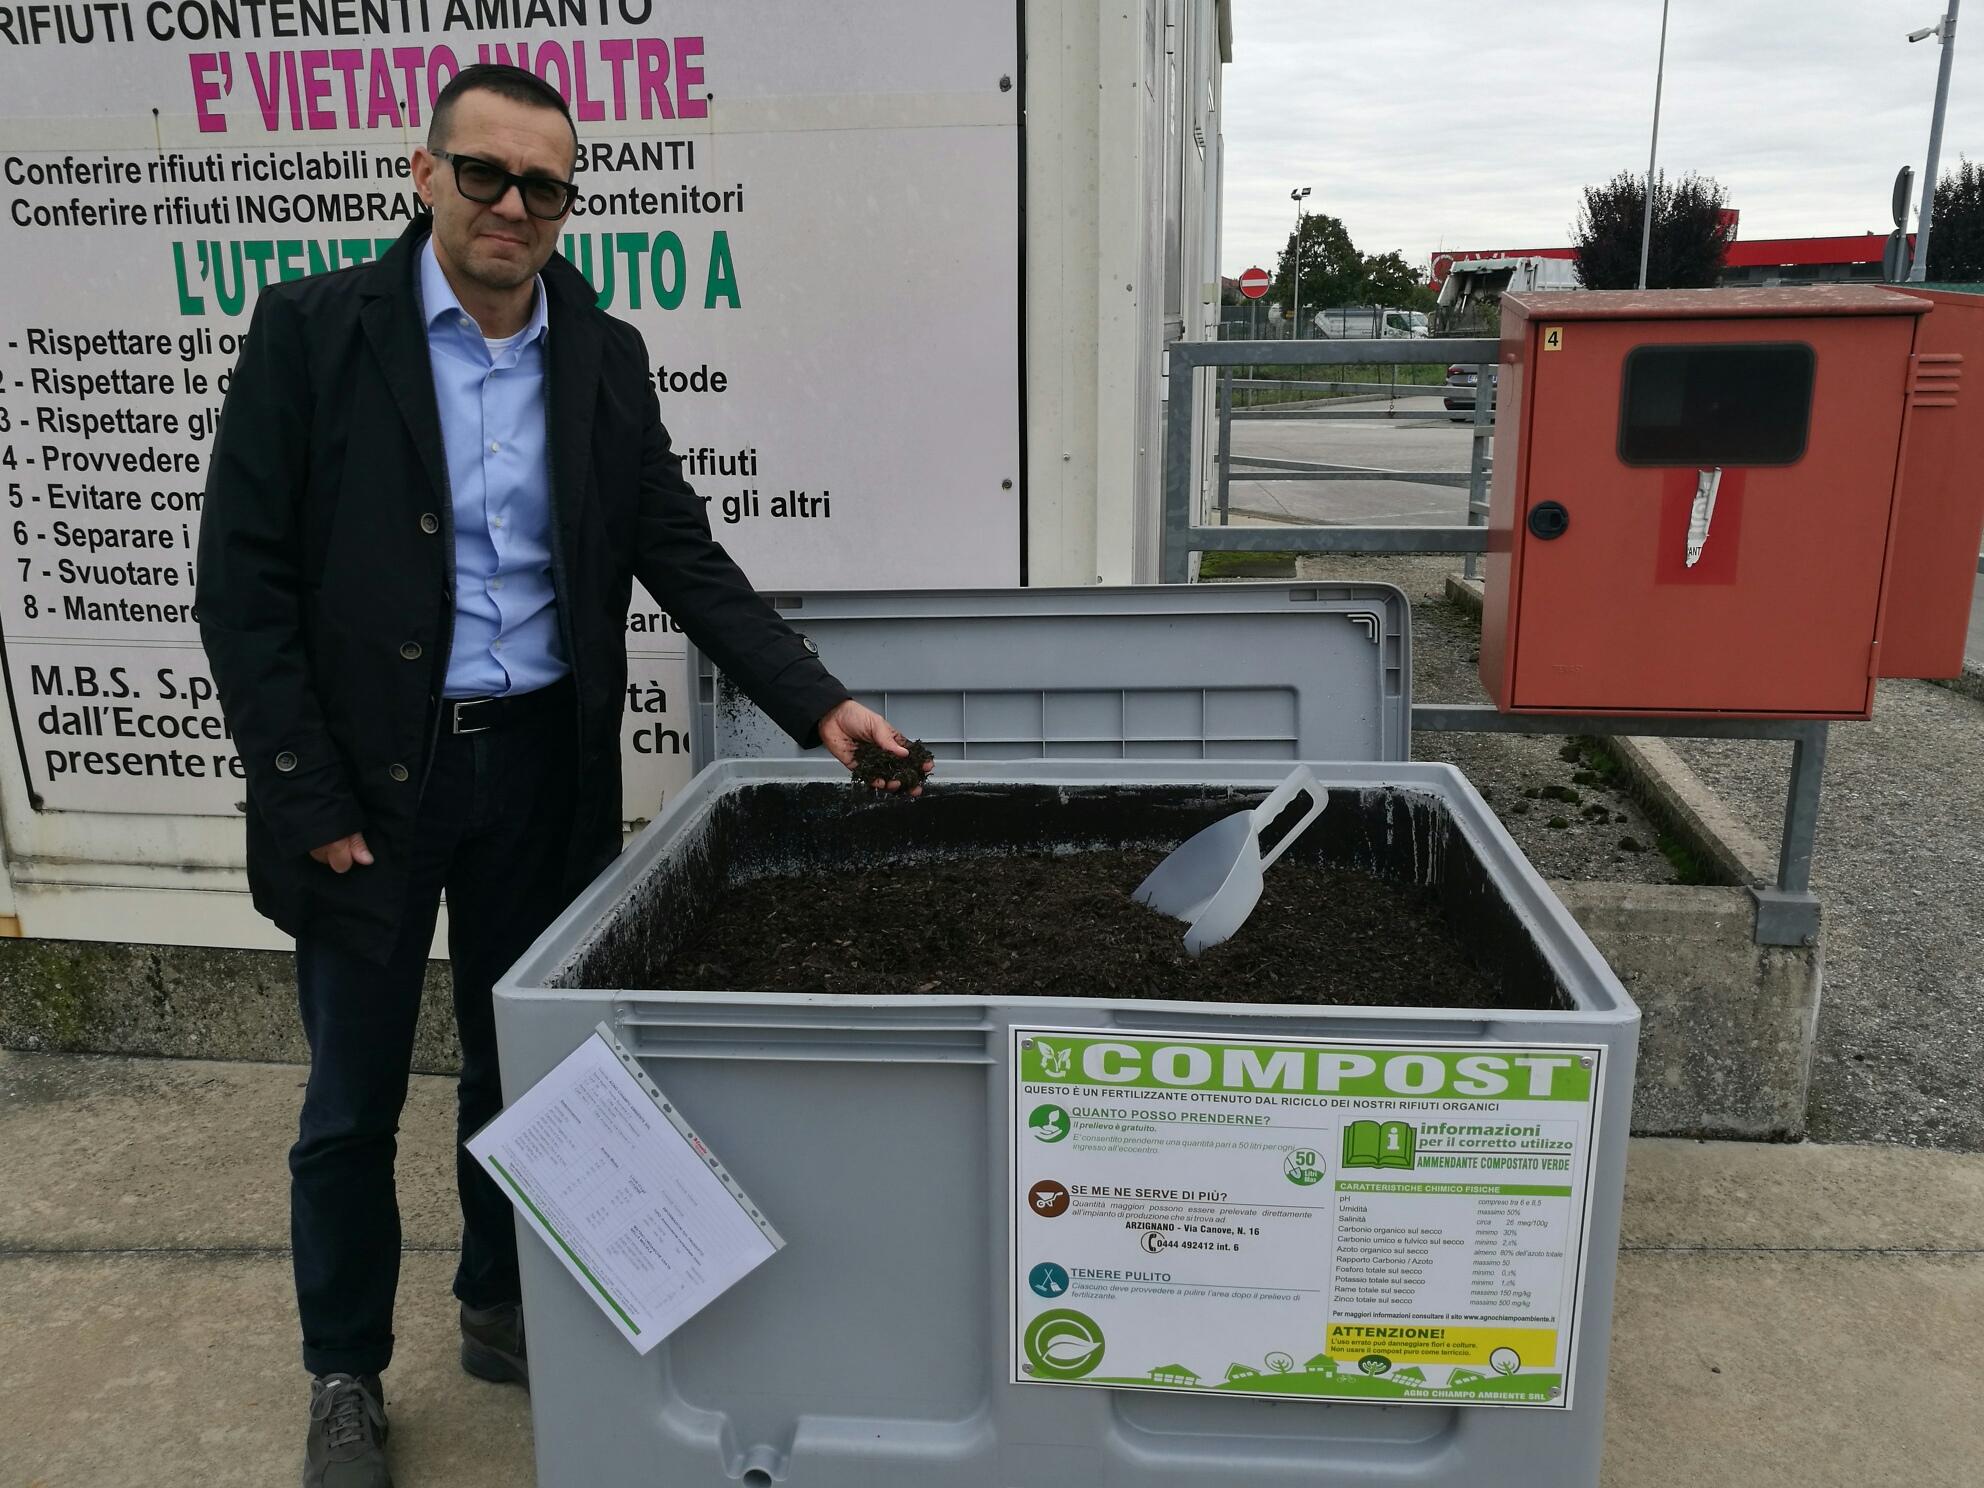 """""""Green compost"""", un aiuto gratuito e naturale per la terra. Agno Chiampo Ambiente tra le prime aziende in Italia ad attivare questo esempio di economia circolare - Corriere Vicentino"""